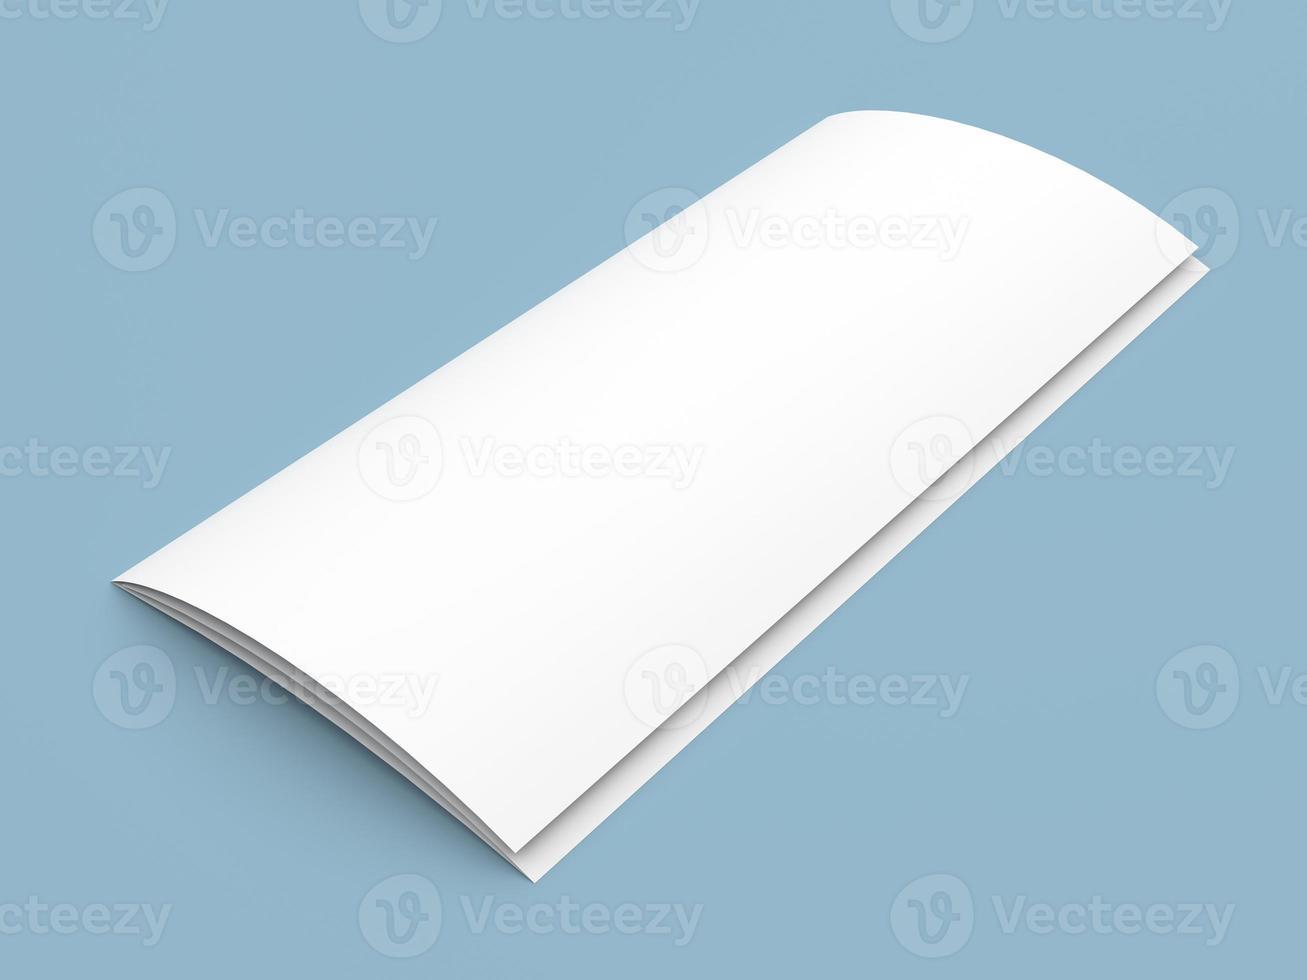 folleto tríptico en blanco folleto de papel blanco foto